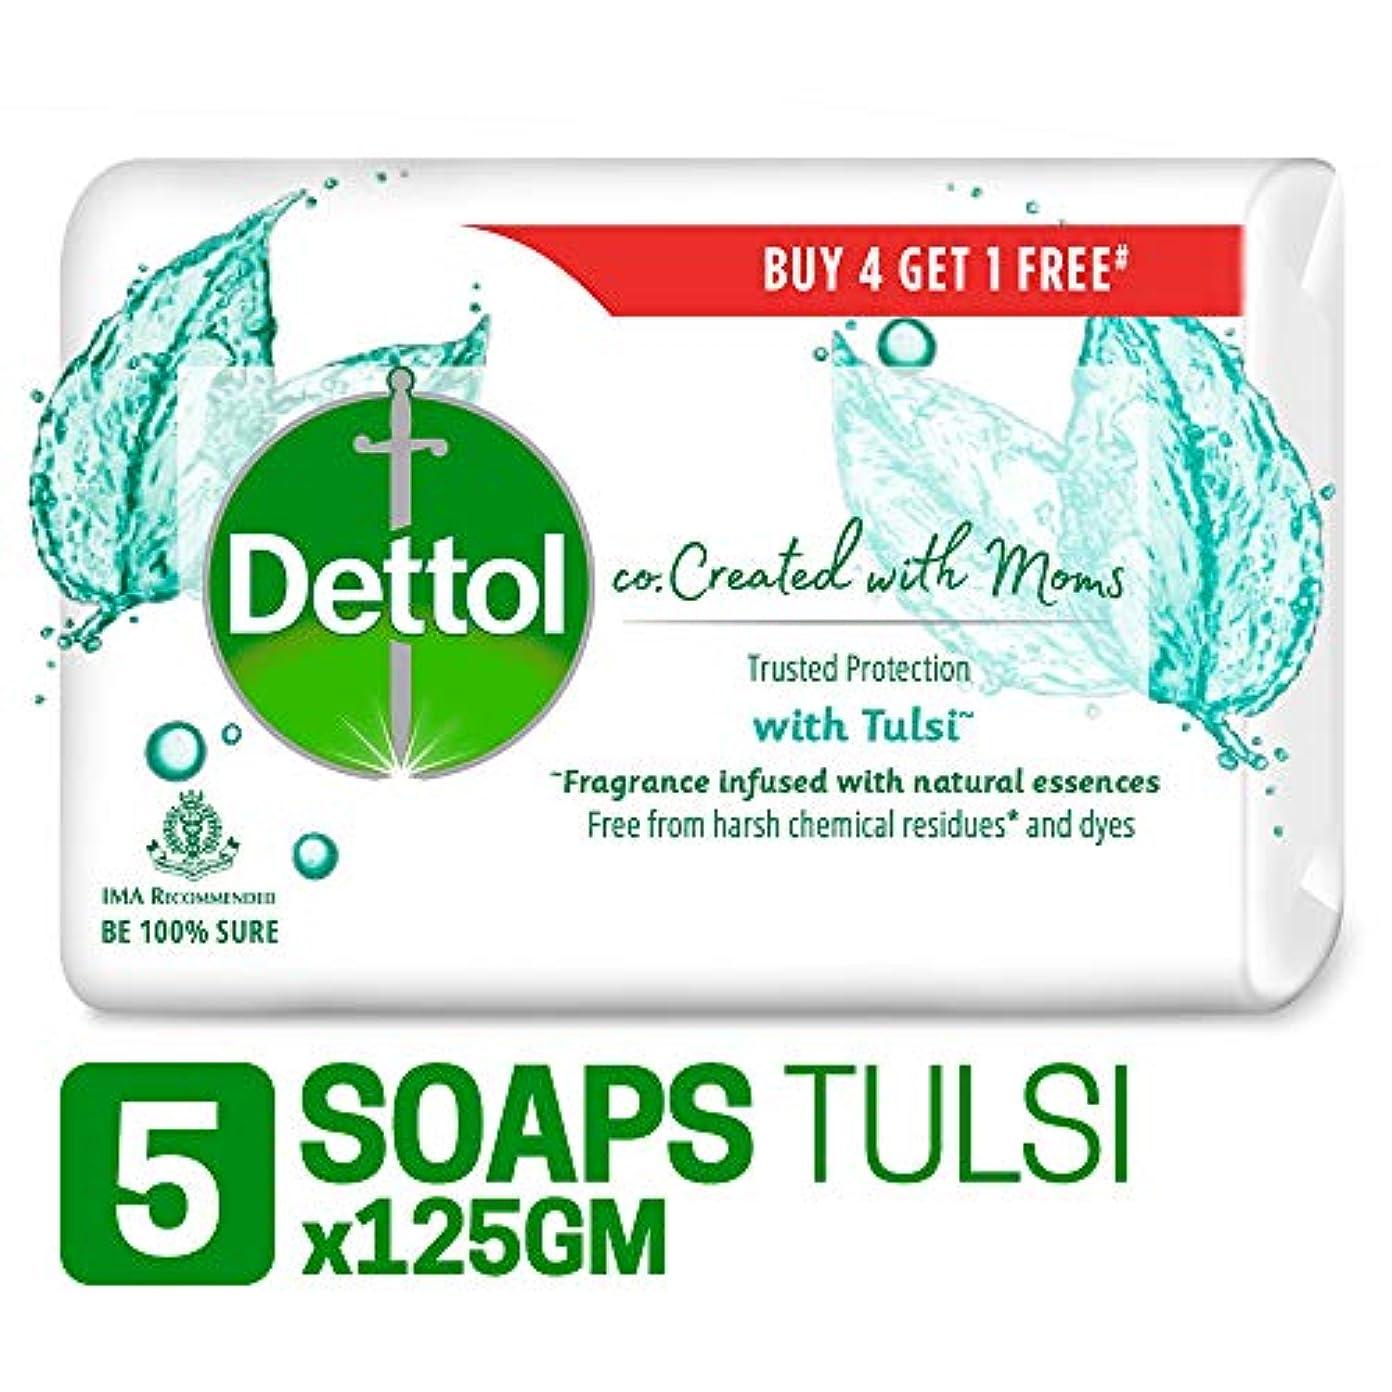 収束する多年生小さなDettol Co-created with moms Tulsi Bathing Soap, 125gm (Buy 4 Get 1 Free)